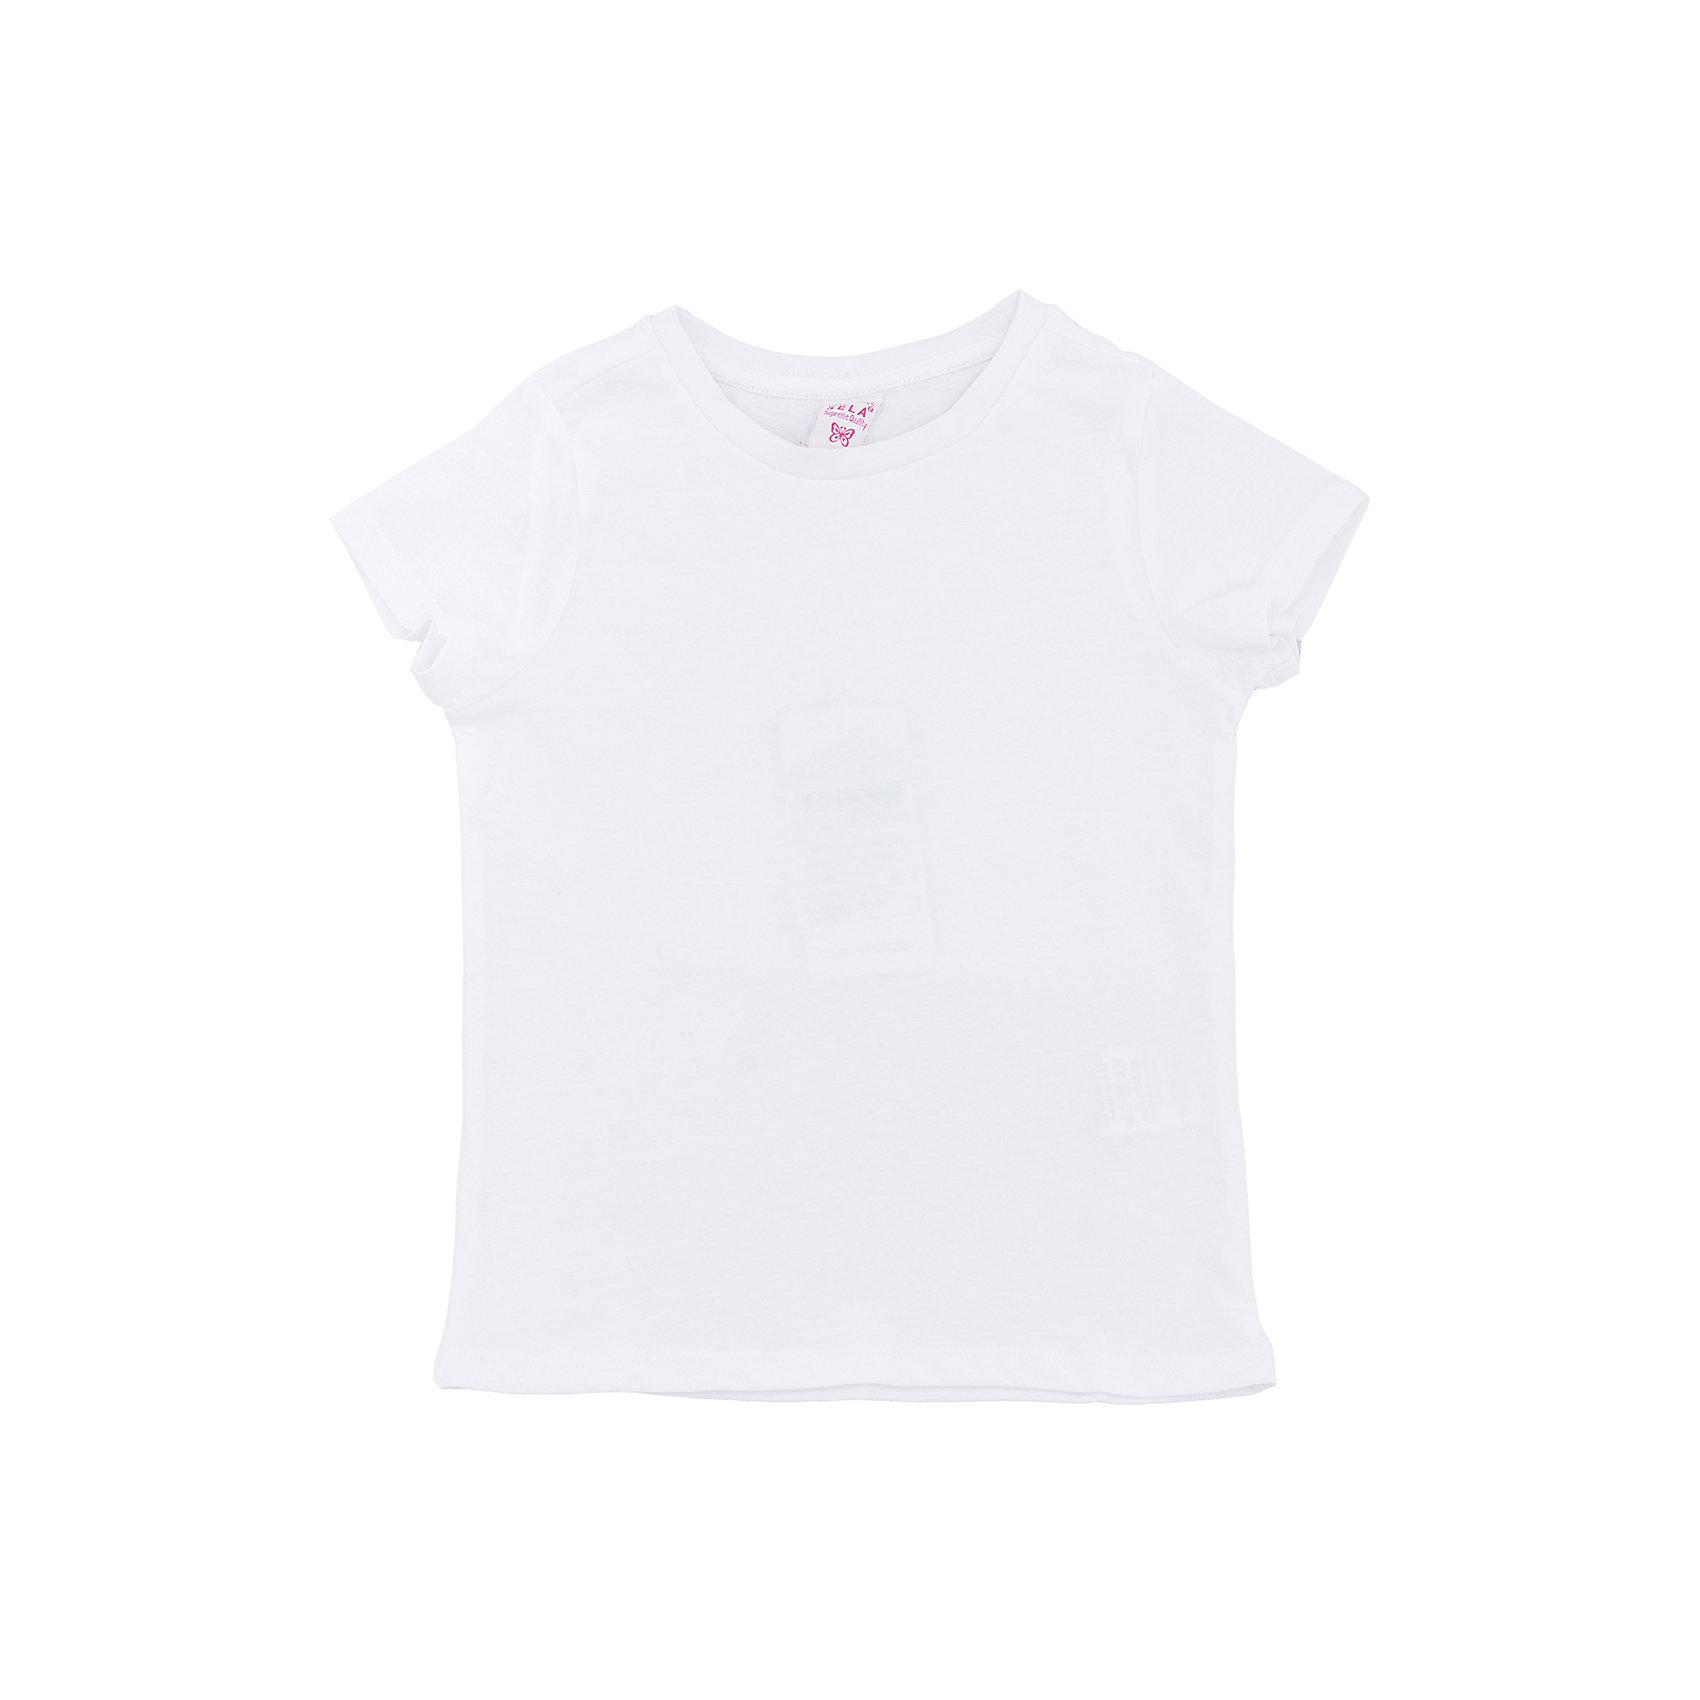 Футболка  для девочки SELAХарактеристики товара:<br><br>• цвет: белый<br>• состав: 100% хлопок<br>• однотонная<br>• короткие рукава<br>• округлый горловой вырез<br>• коллекция весна-лето 2017<br>• страна бренда: Российская Федерация<br><br>В новой коллекции SELA отличные модели одежды! Эта футболка для девочки поможет разнообразить гардероб ребенка и обеспечить комфорт. Она отлично сочетается с юбками и брюками. Удобная базовая вещь!<br><br>Одежда, обувь и аксессуары от российского бренда SELA не зря пользуются большой популярностью у детей и взрослых! Модели этой марки - стильные и удобные, цена при этом неизменно остается доступной. Для их производства используются только безопасные, качественные материалы и фурнитура. Новая коллекция поддерживает хорошие традиции бренда! <br><br>Футболку для девочки от популярного бренда SELA (СЕЛА) можно купить в нашем интернет-магазине.<br><br>Ширина мм: 230<br>Глубина мм: 40<br>Высота мм: 220<br>Вес г: 250<br>Цвет: белый<br>Возраст от месяцев: 60<br>Возраст до месяцев: 72<br>Пол: Женский<br>Возраст: Детский<br>Размер: 116,92,98,104,110<br>SKU: 5303324